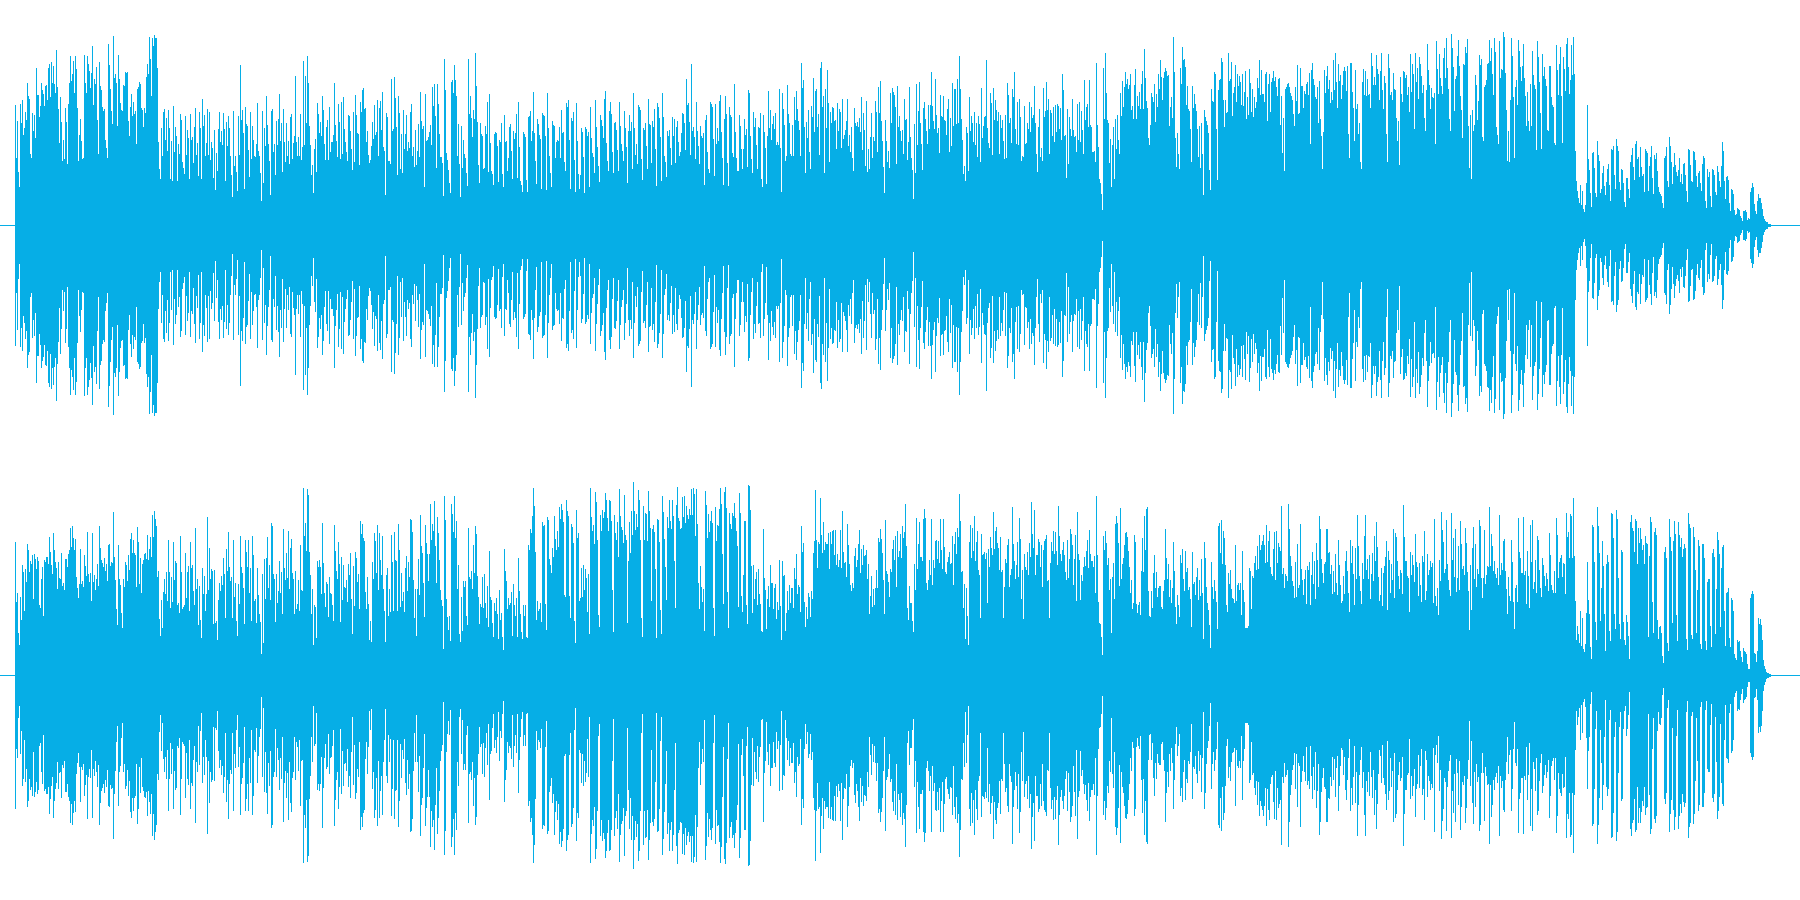 ボザノバ風味のラテン系とワルツを組み合…の再生済みの波形